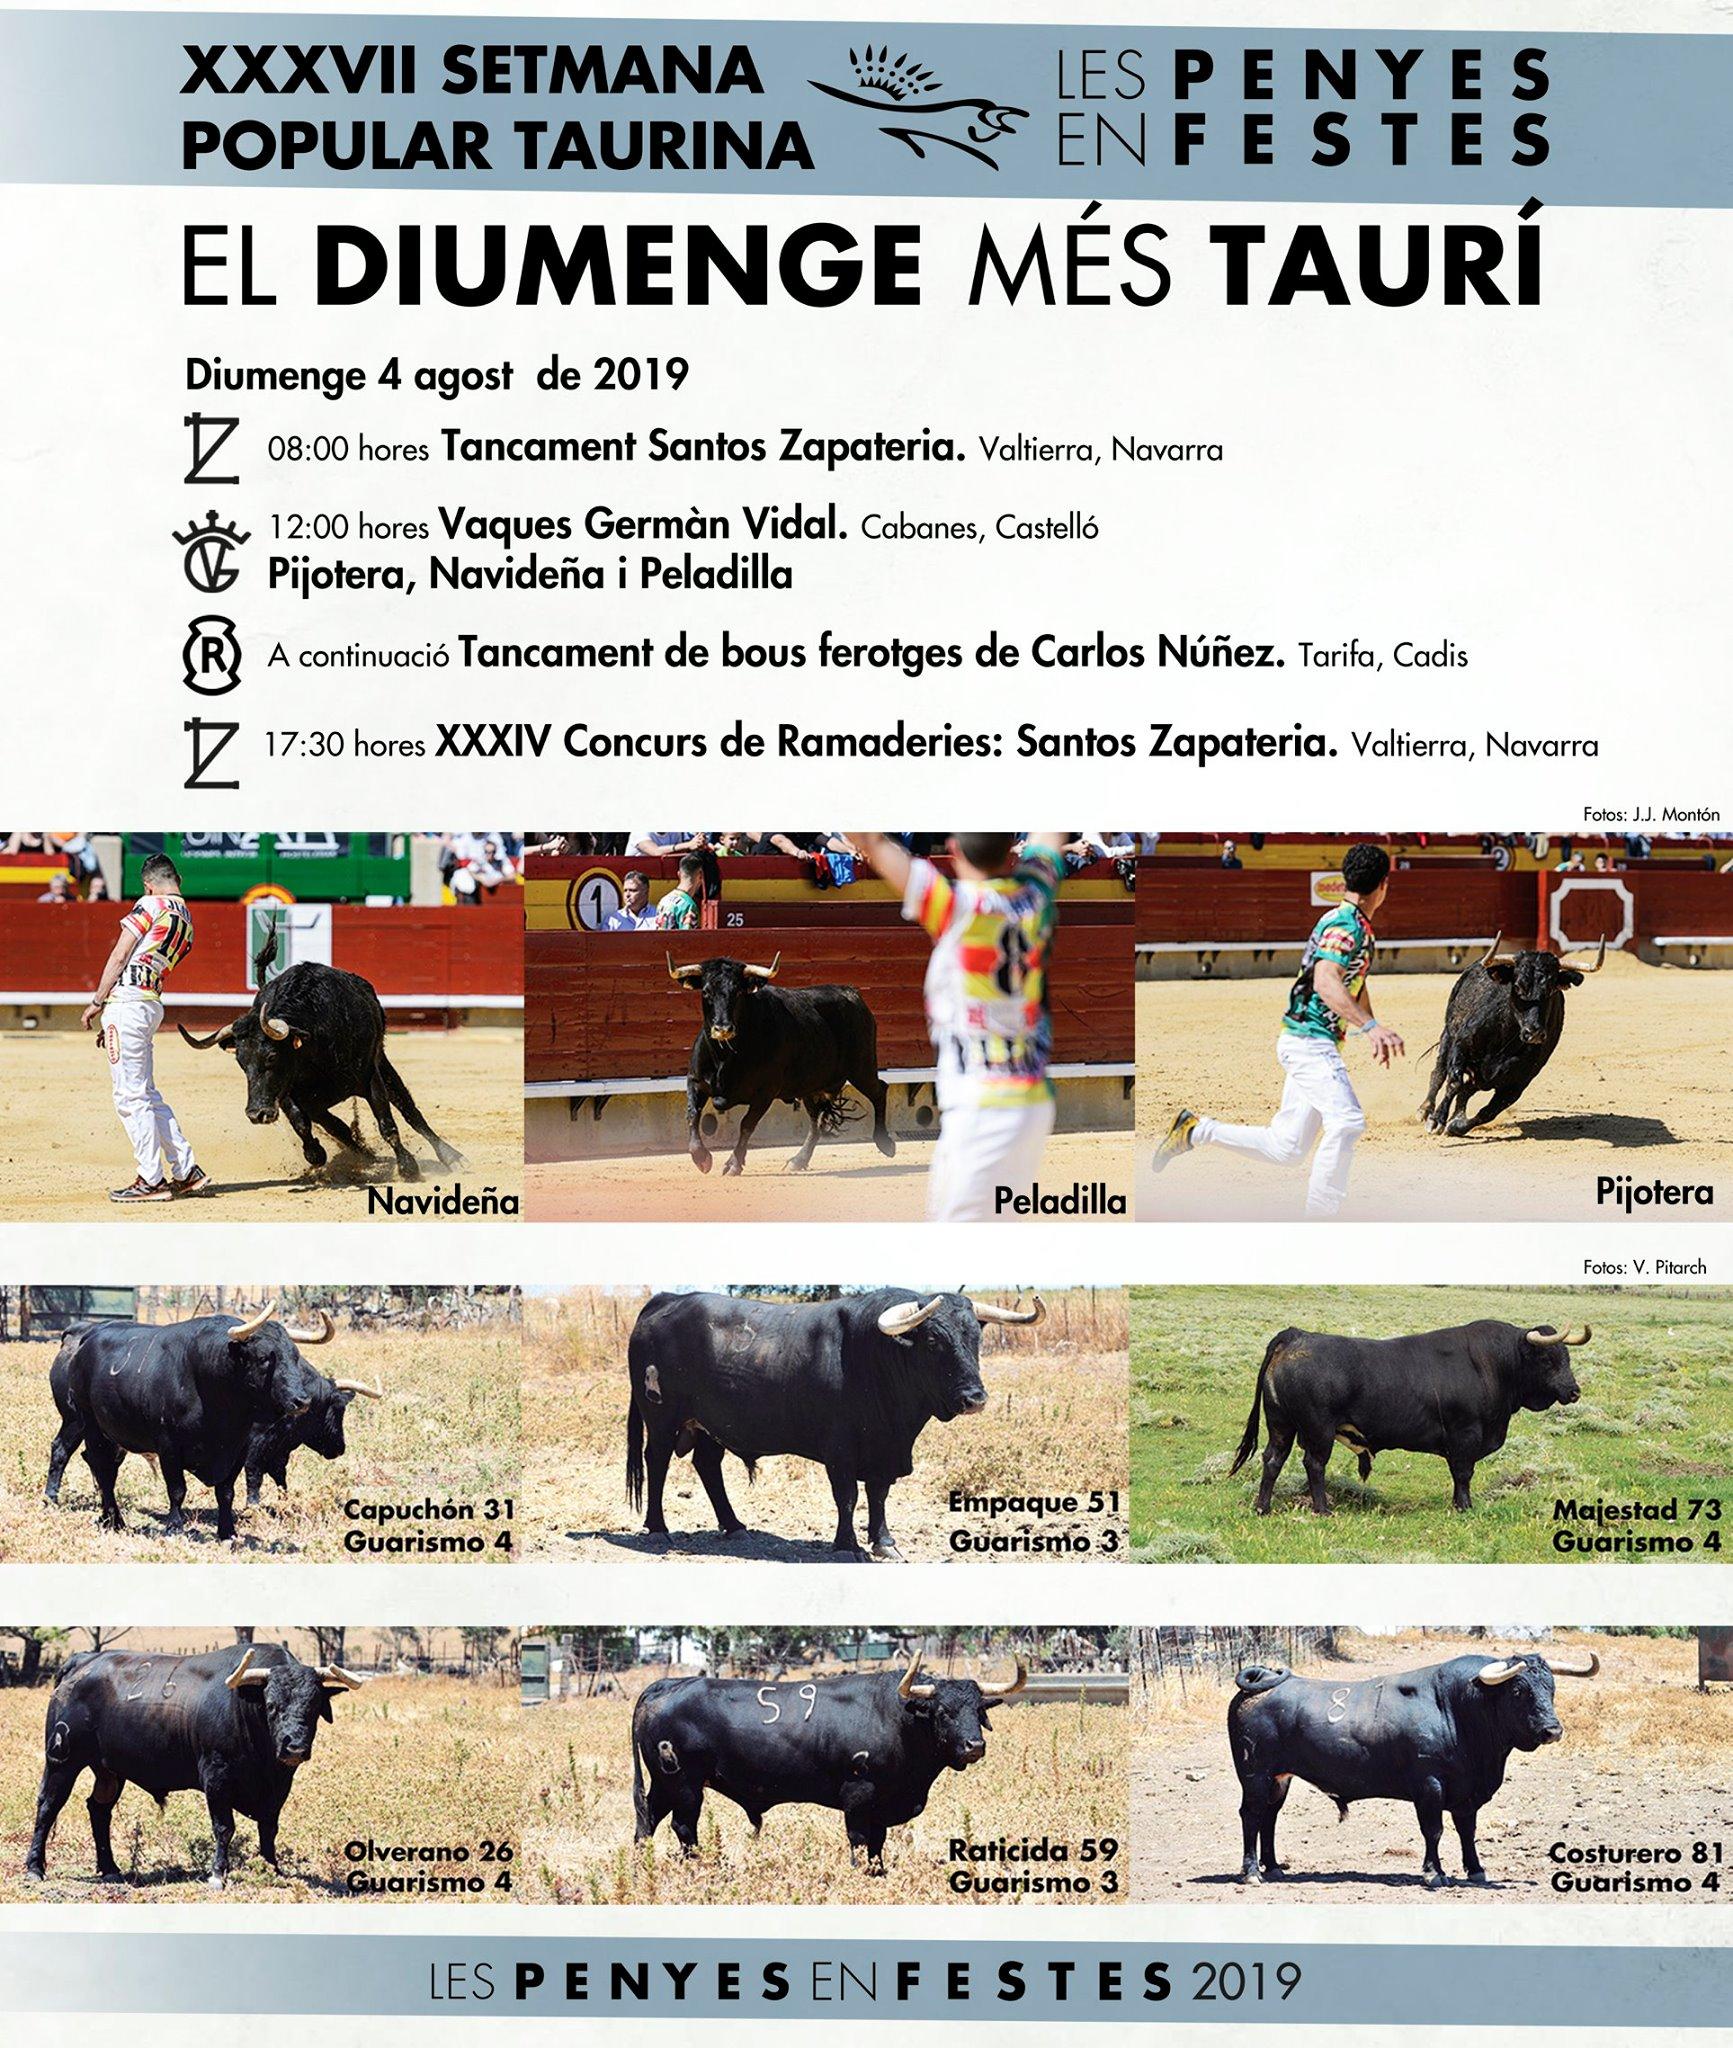 EL DIUMENGE MÉS TAURÍ.